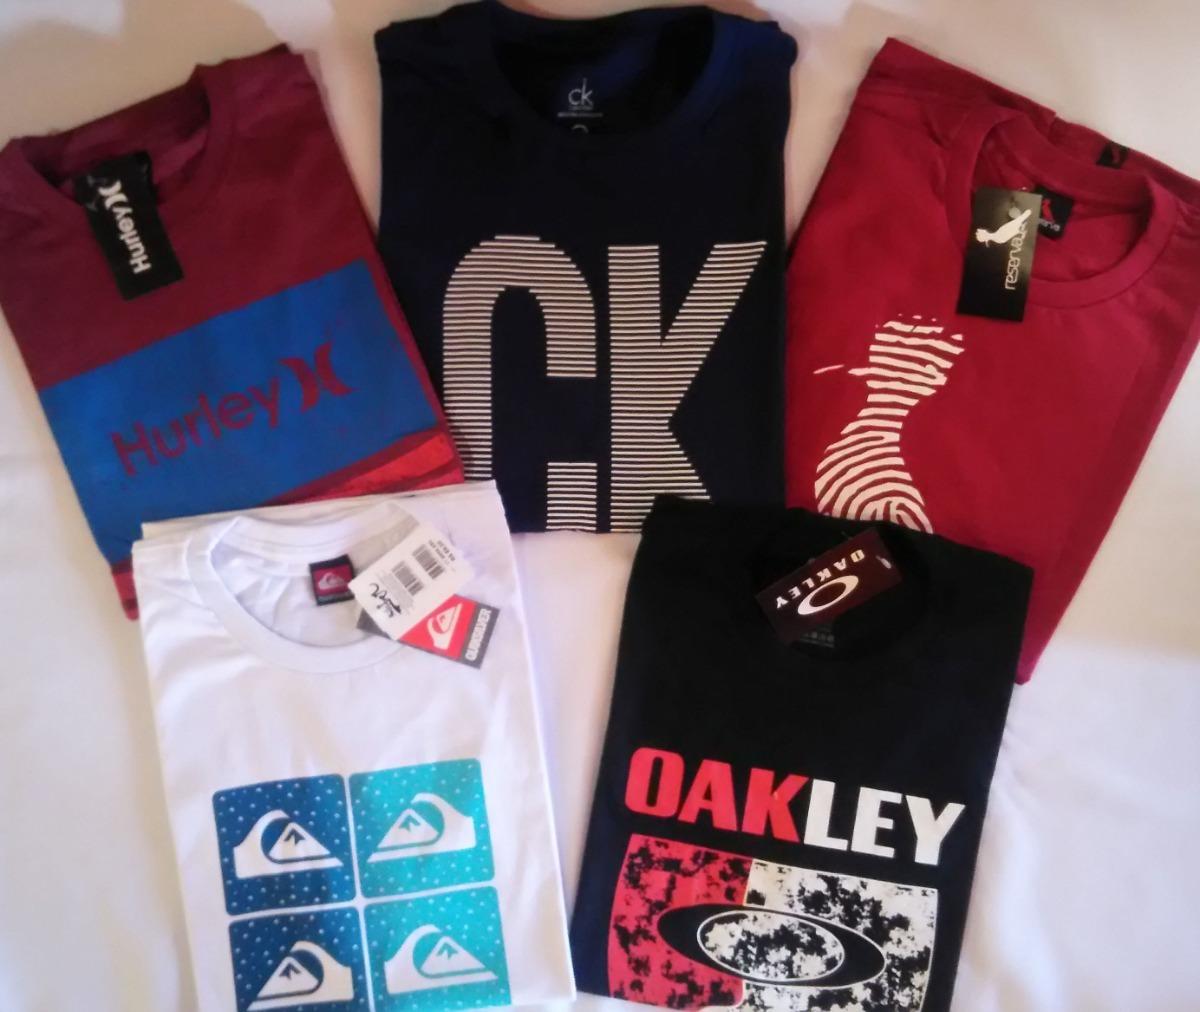 Kit 5 Camisetas Masculinas Qualidade Top Atacado - R  109 3b8d121e0dbc2